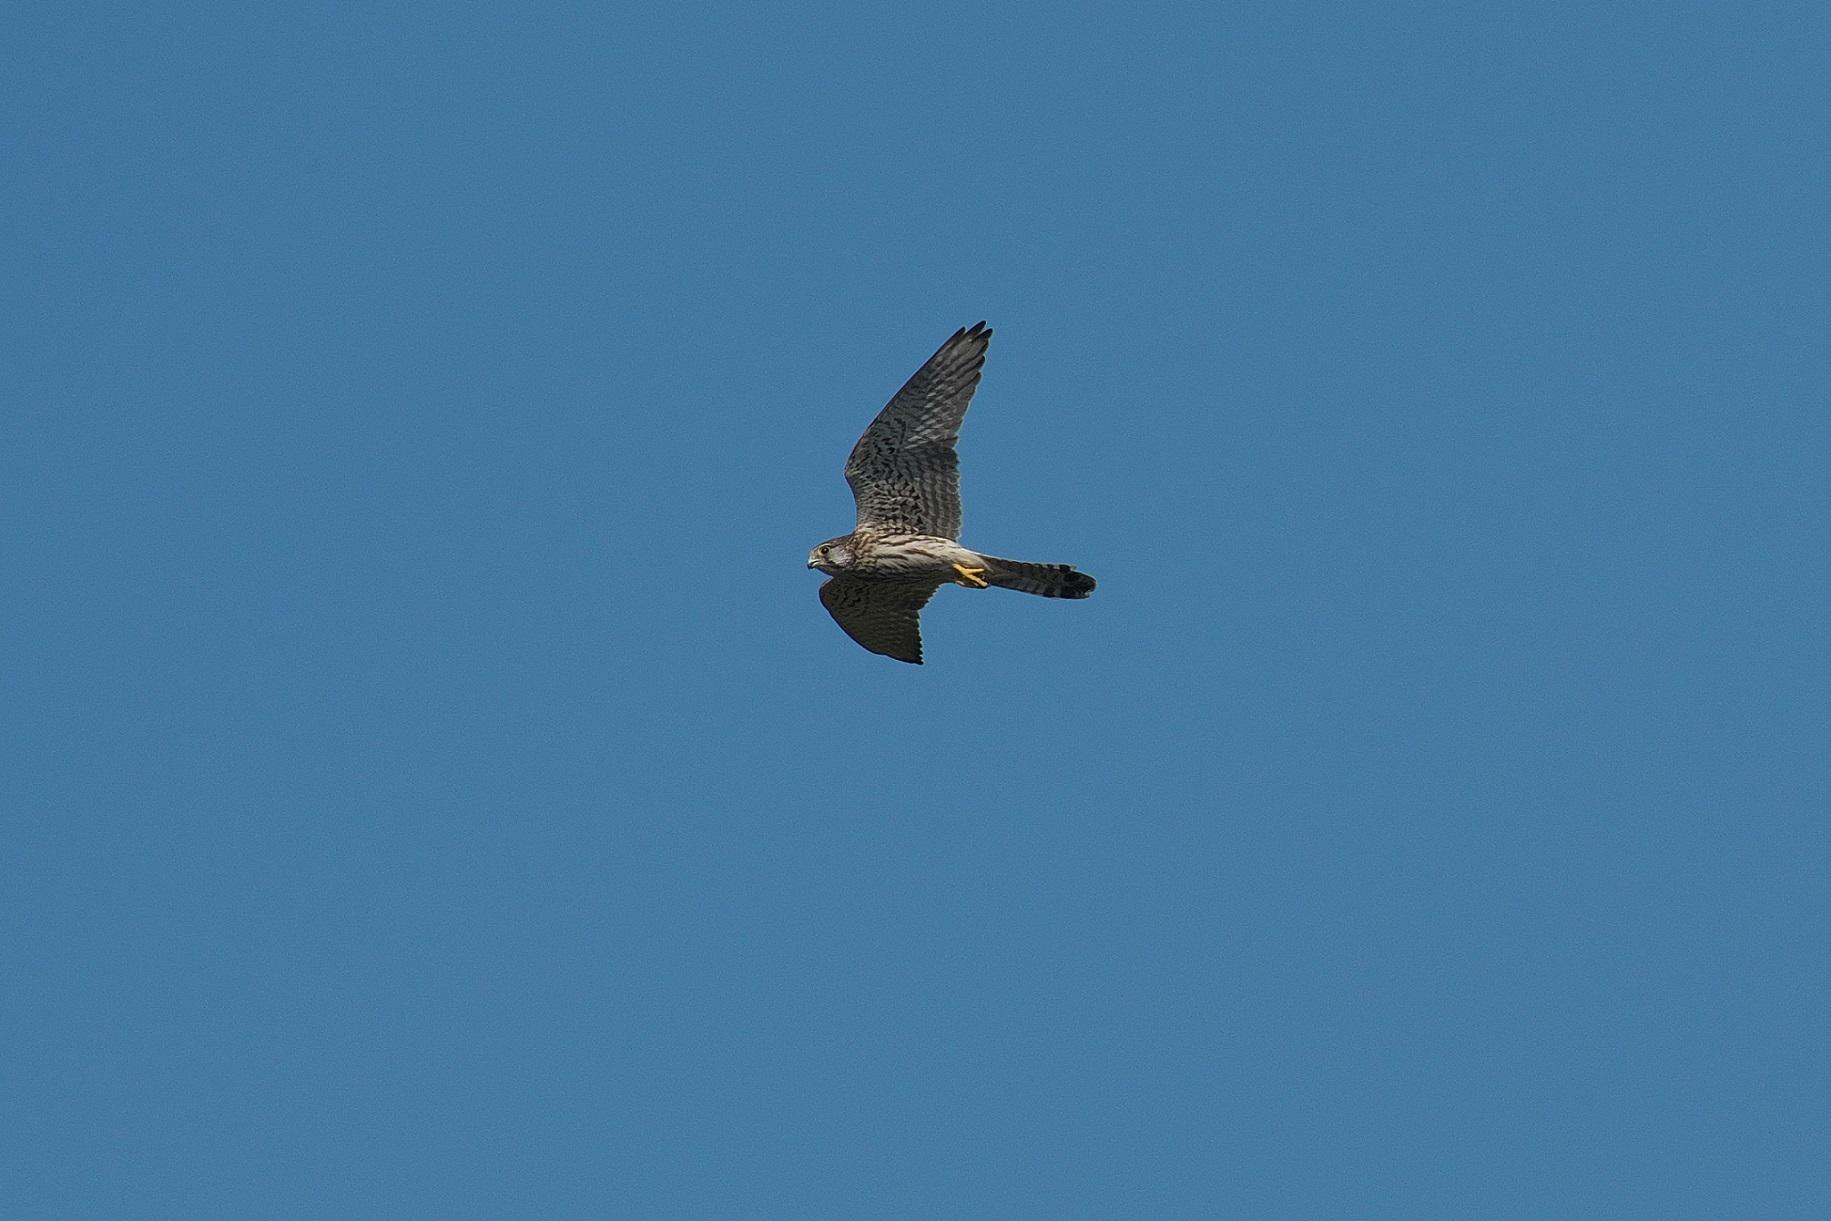 遠くを飛んで行く若いハヤブサ_c0383758_17472899.jpg